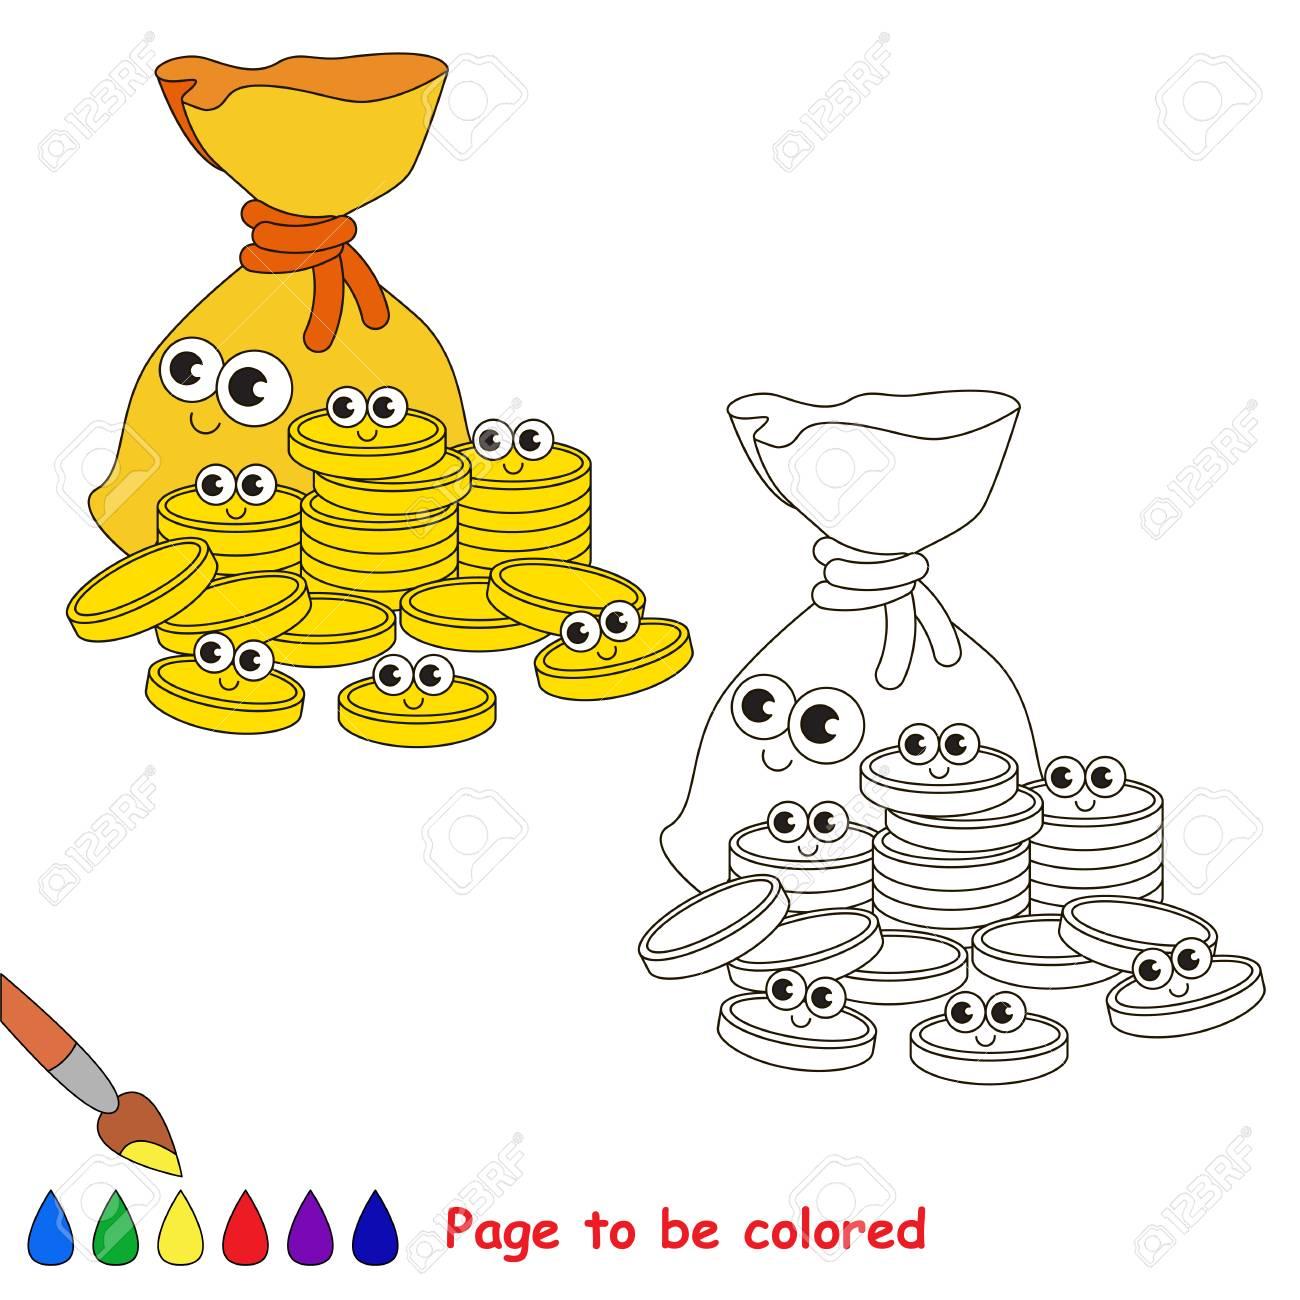 Vettoriale Un Sacco Di Monete In Oro Da Colorare Il Libro Da